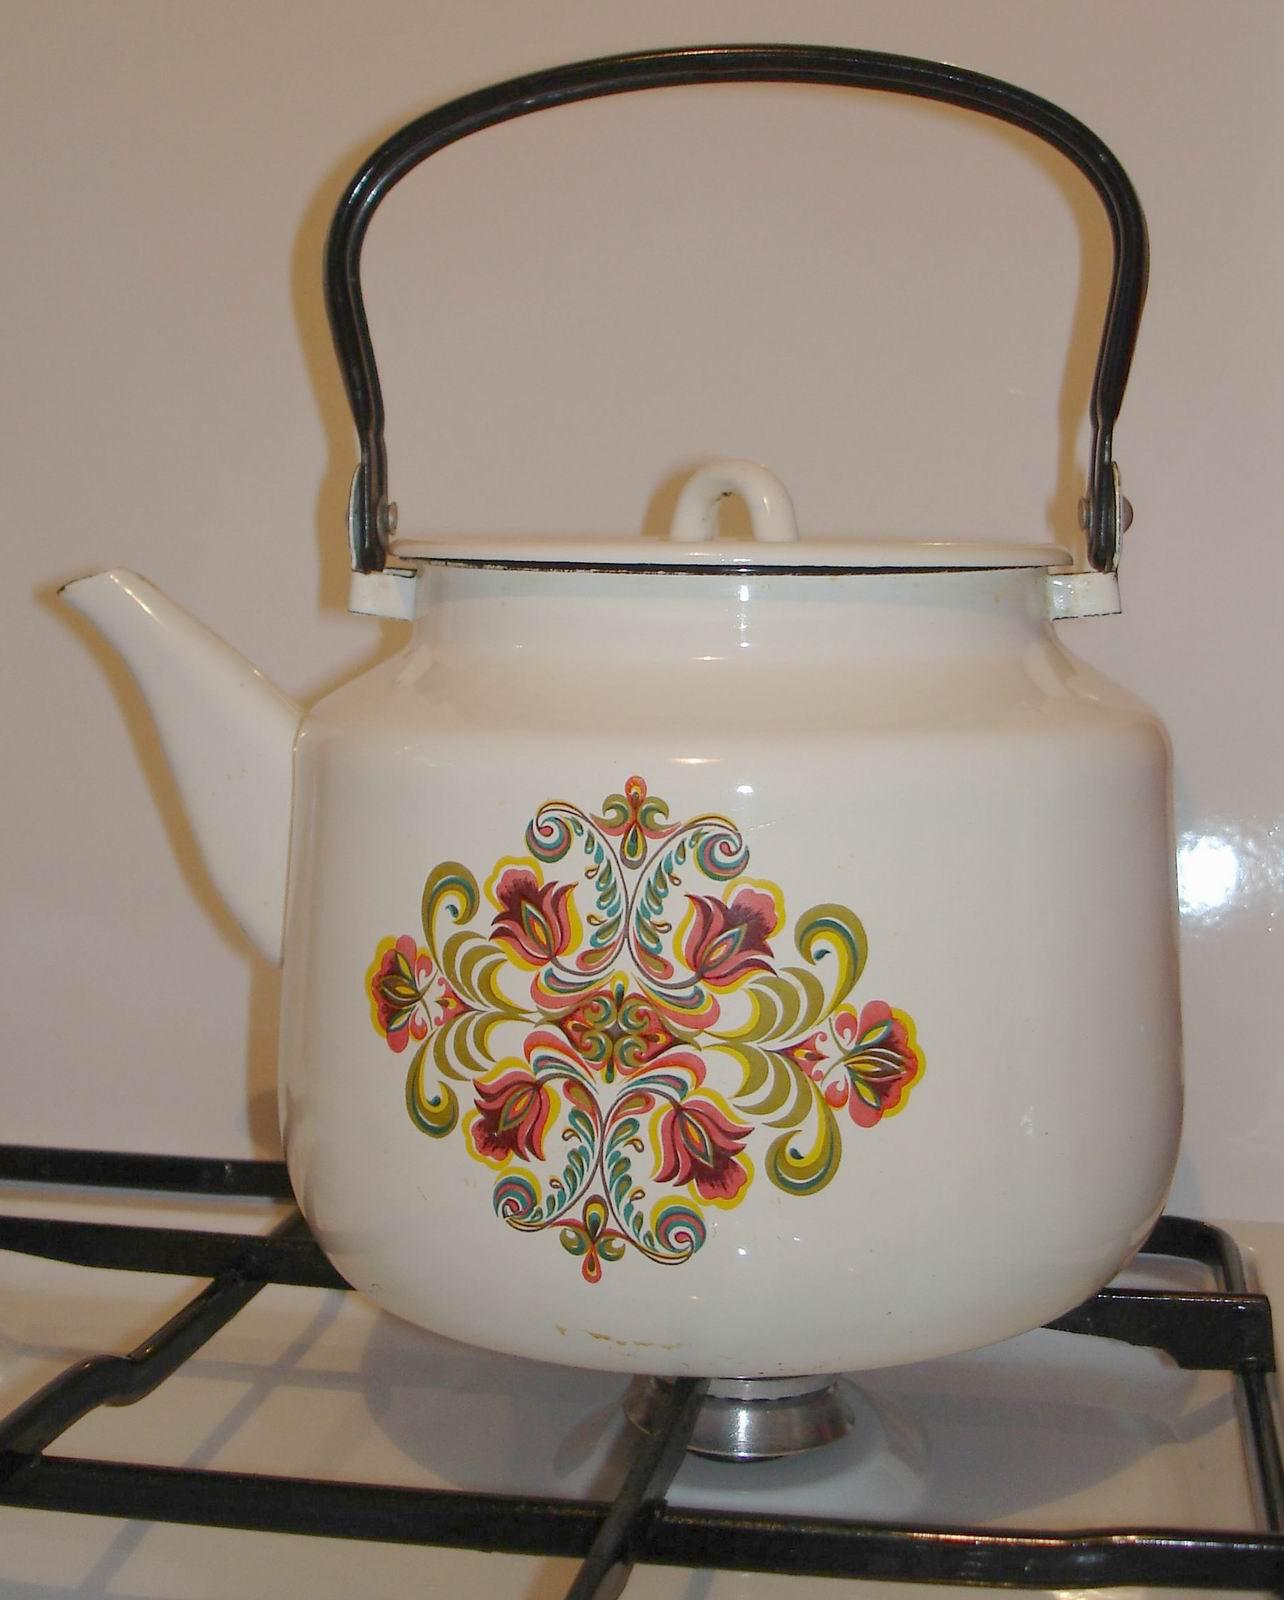 fb2 чайник андерсен краткое содержание